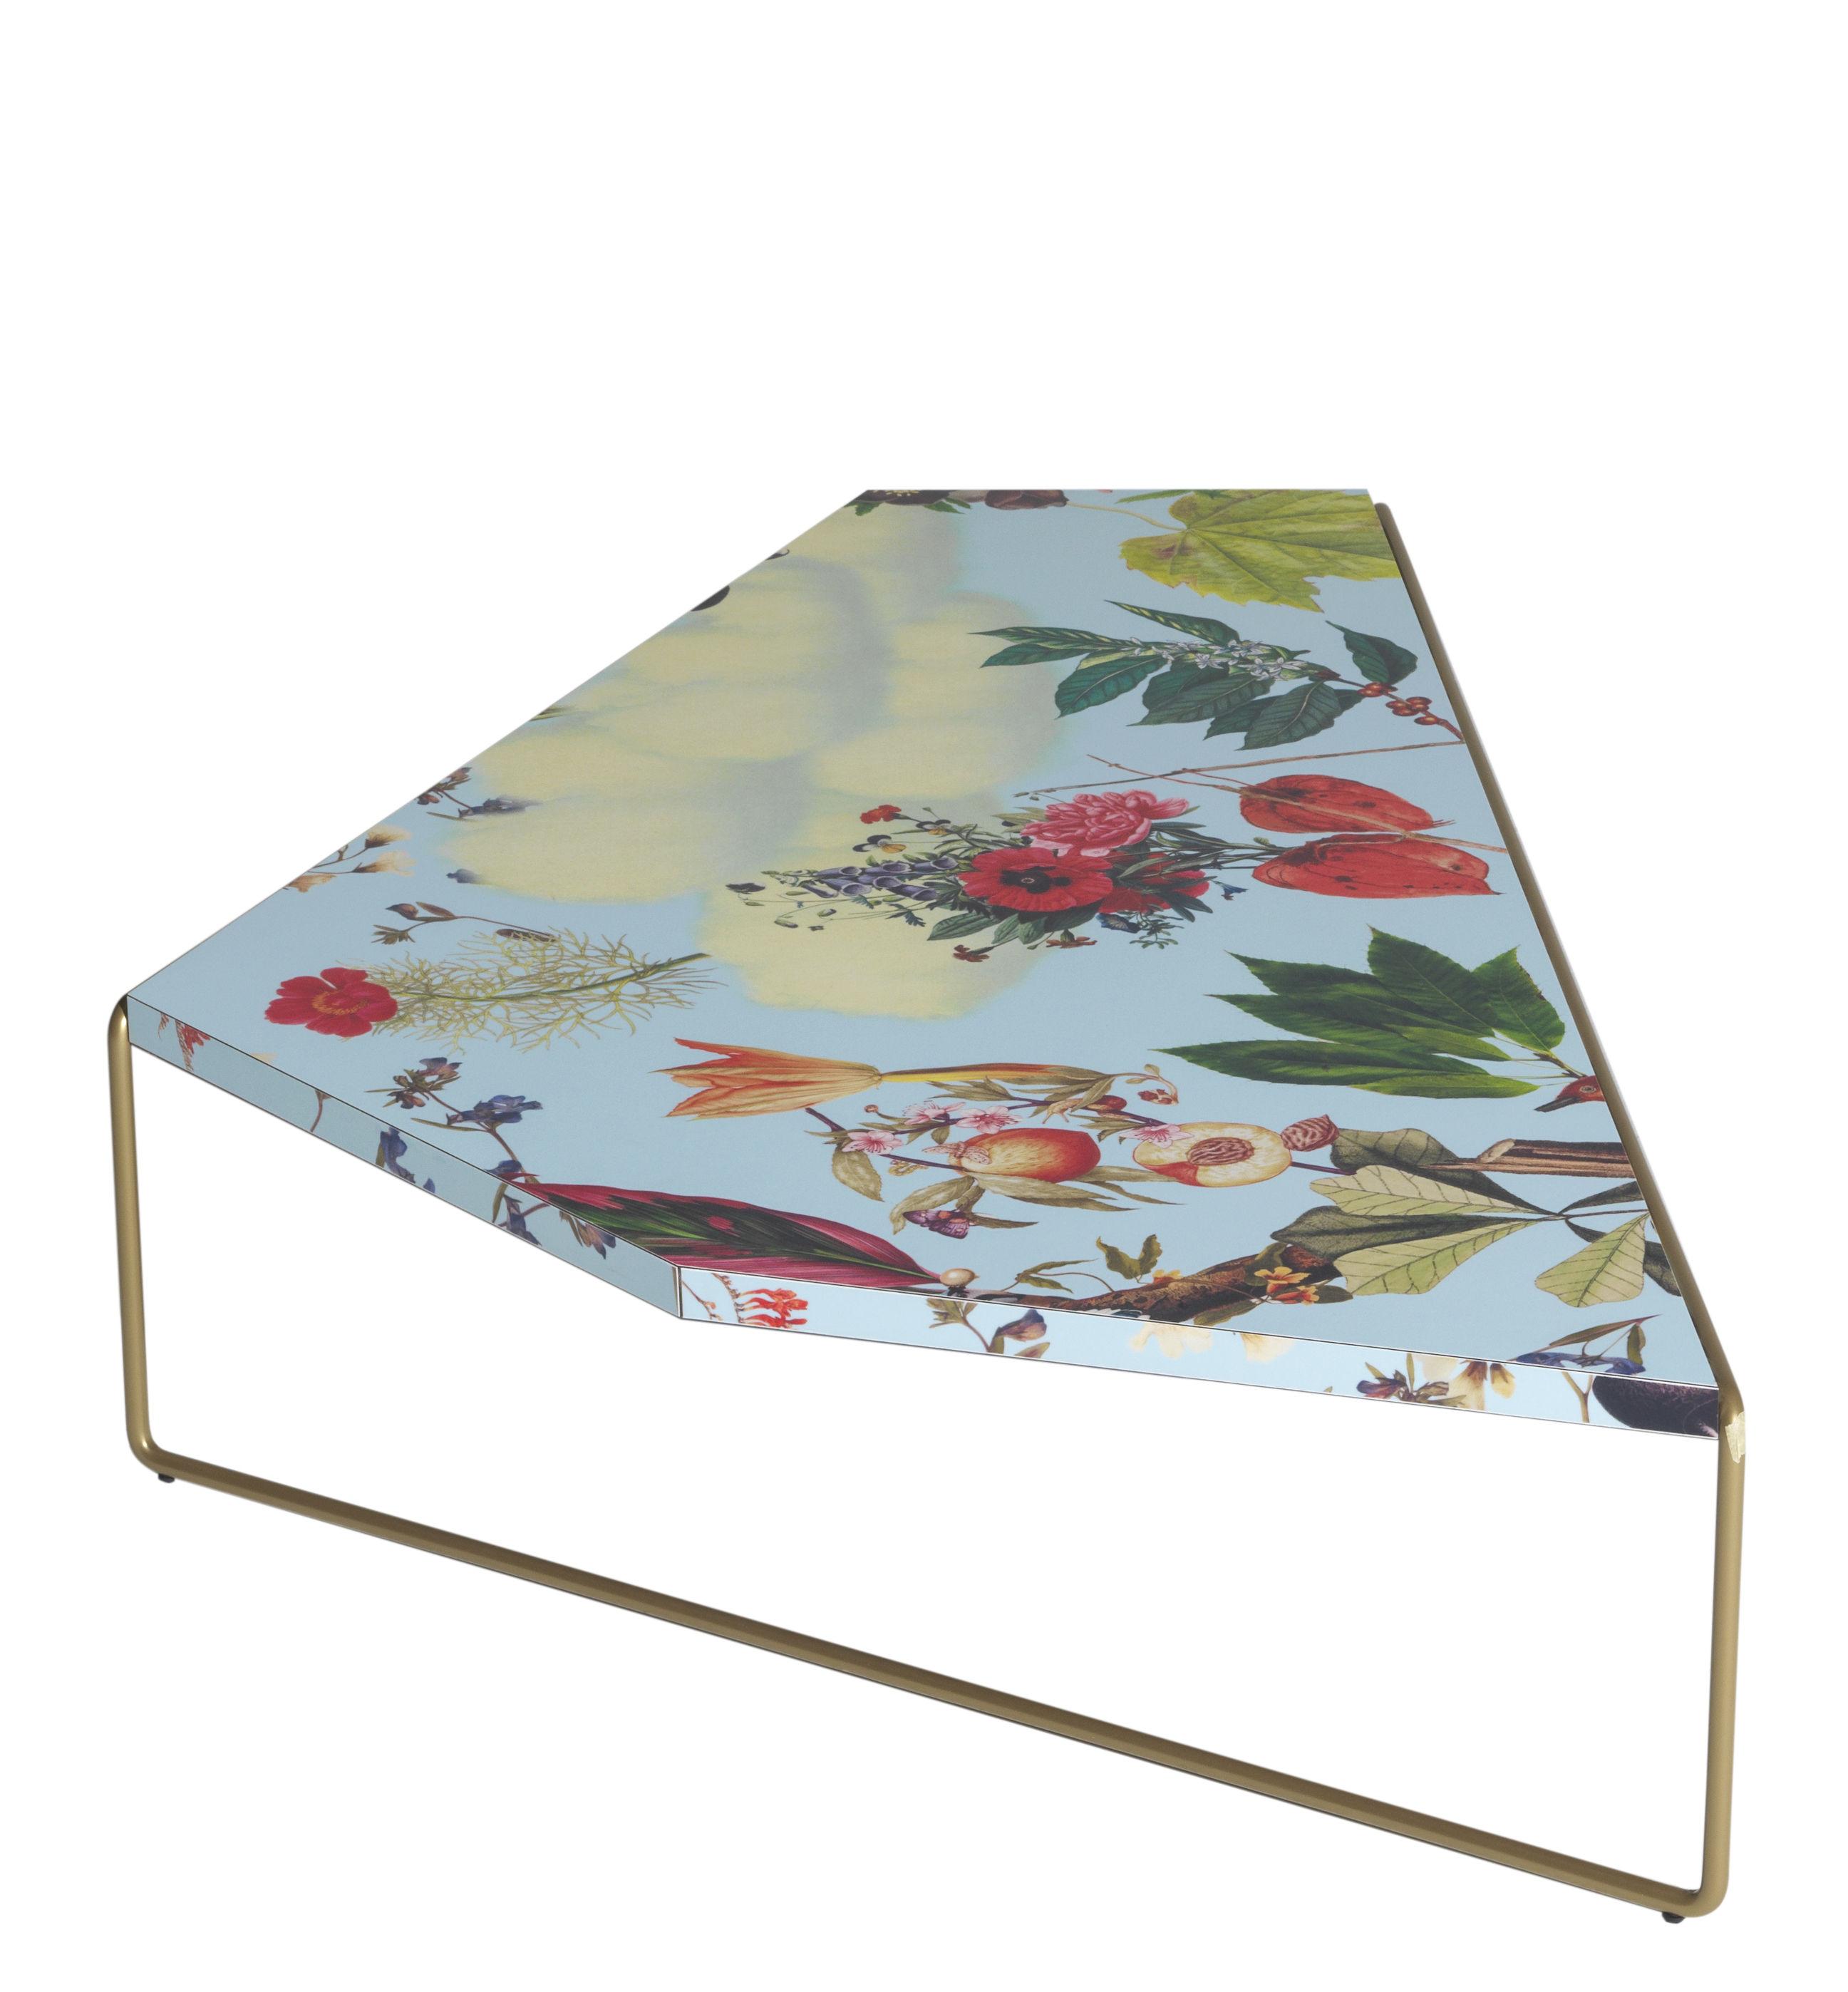 Möbel - Couchtische - Zagazig Couchtisch / 113 x 74 cm x H 27 cm - Driade - Blumenmotive auf blauem Grund - HPL, Stahl